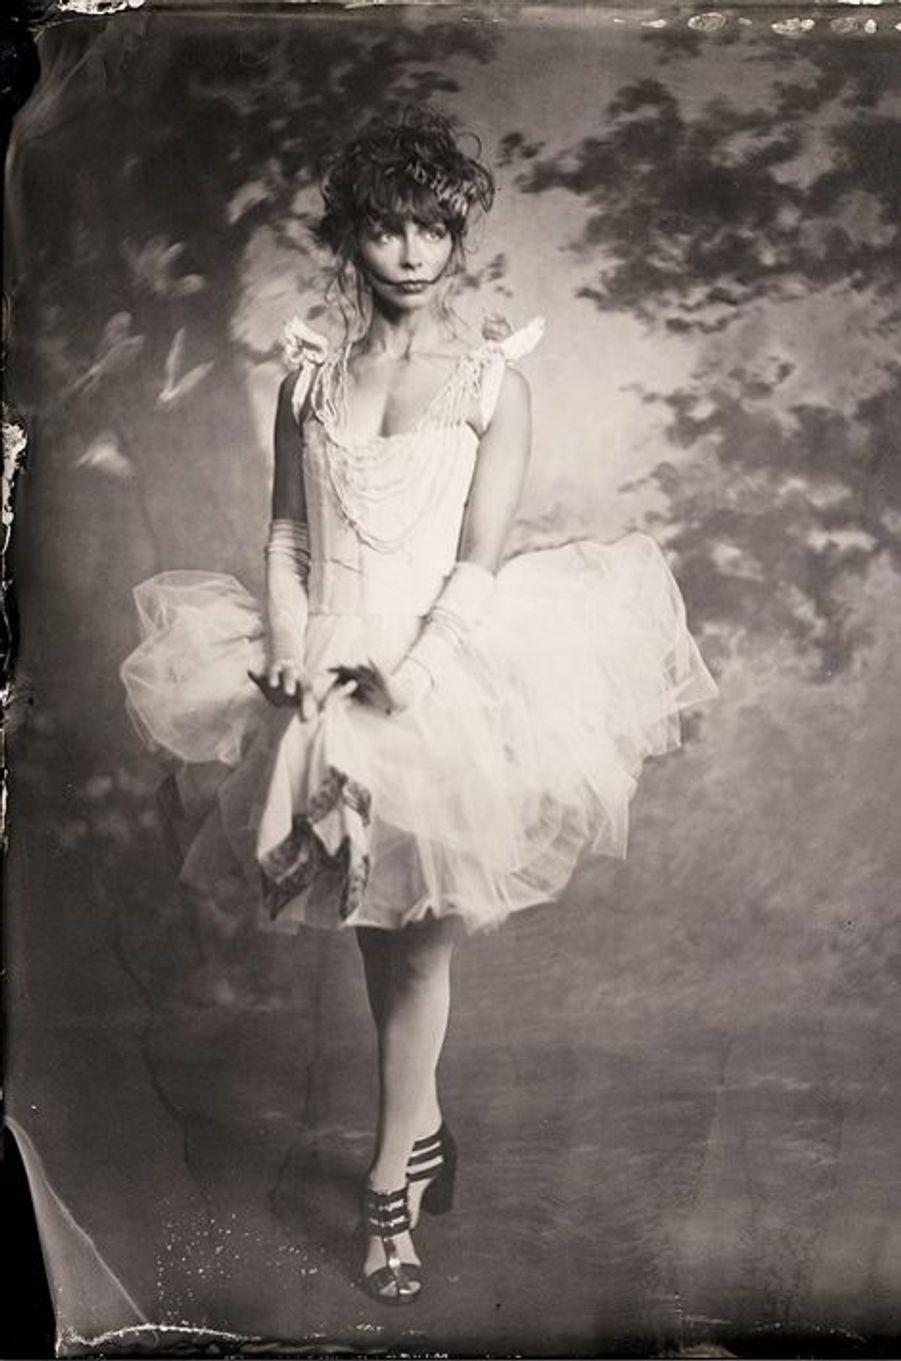 «Portrait de la danseuse de ballet Ana Maria Lucaciu. Robe par Allison Parris, coiffure et maquillage par Koko Bode, toile de fond par Charles Broderson, dessinée par Cynthia Altoriso. 2014»